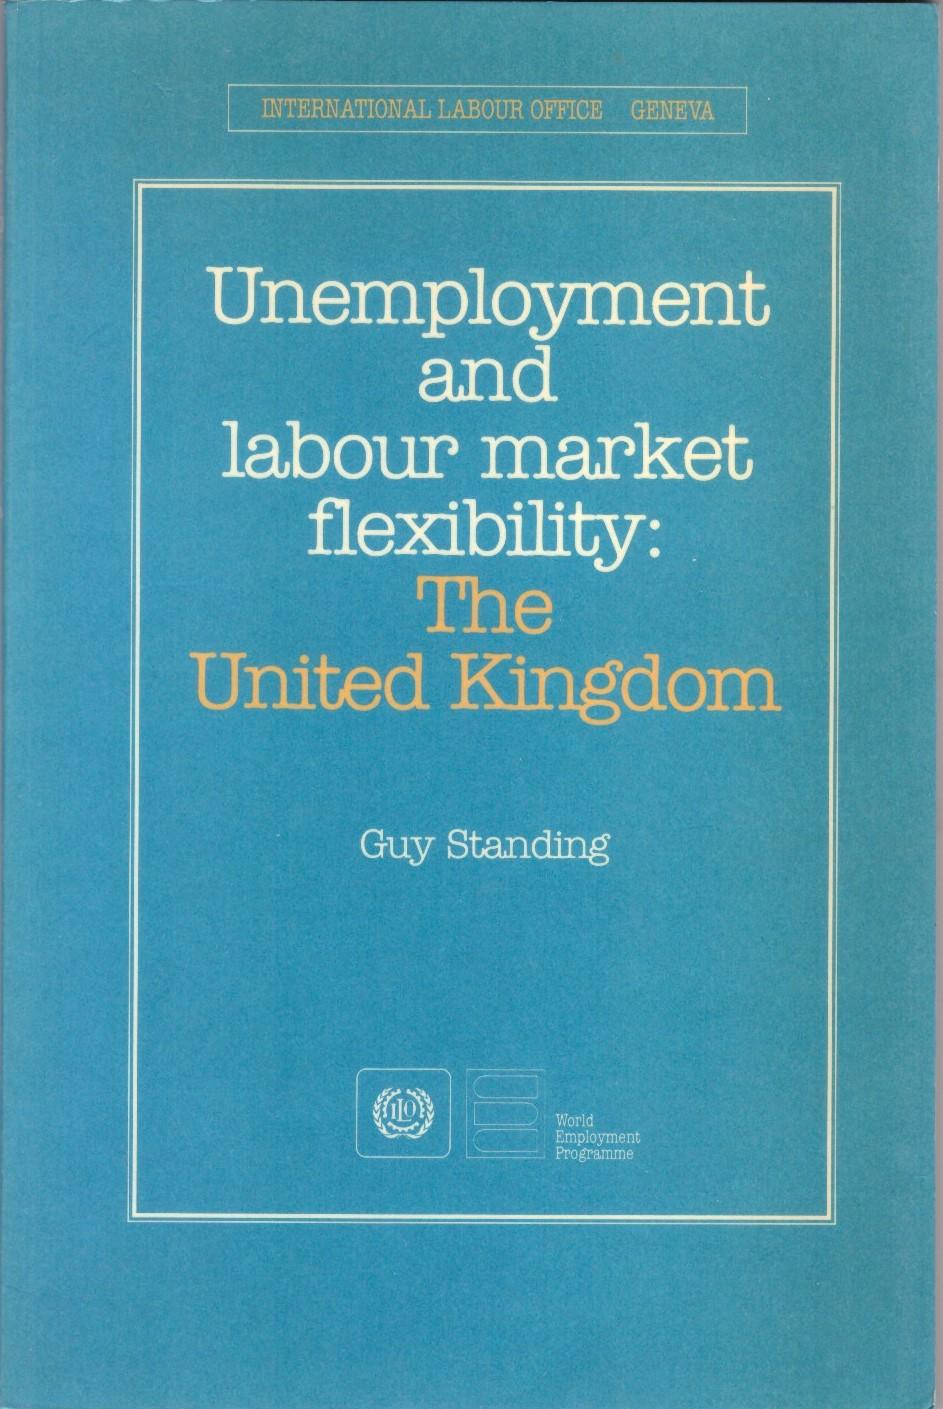 Unemployment & labour market flexibility - UK